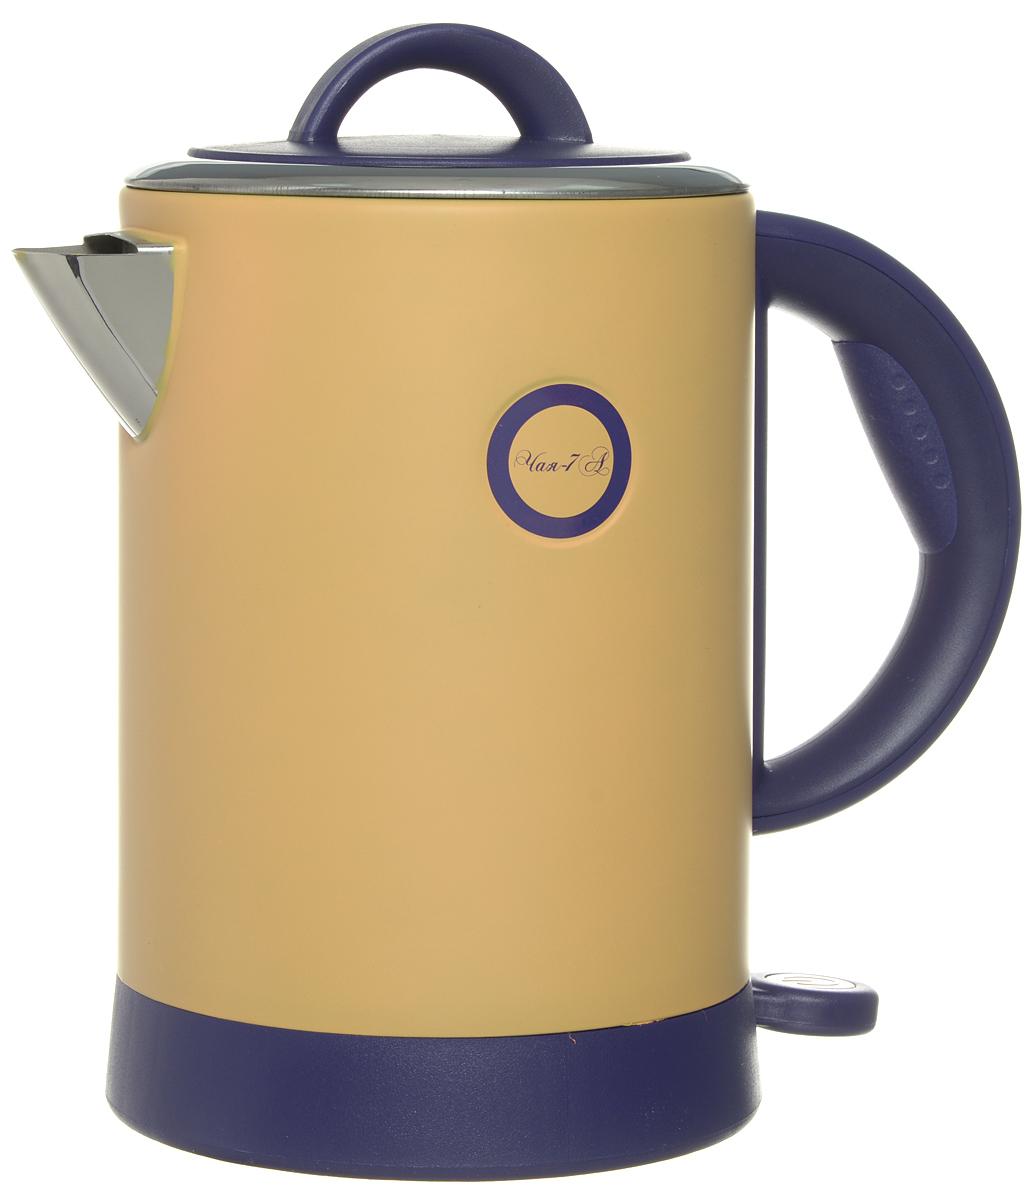 Великие Реки Чая-7А, Orange электрический чайникЧая-7АВеликие Реки Чая-7А - стильный и недорогой электрический чайник в корпусе из нержавеющей стали. Модель снабжена широкой горловиной, съемной крышкой и эргономичной ручкой. Имеется также шкала уровня воды, индикатор работы и возможность вращения чайника на 360 градусов. Безопасность в использовании обеспечивает встроенная защита от перегрева.